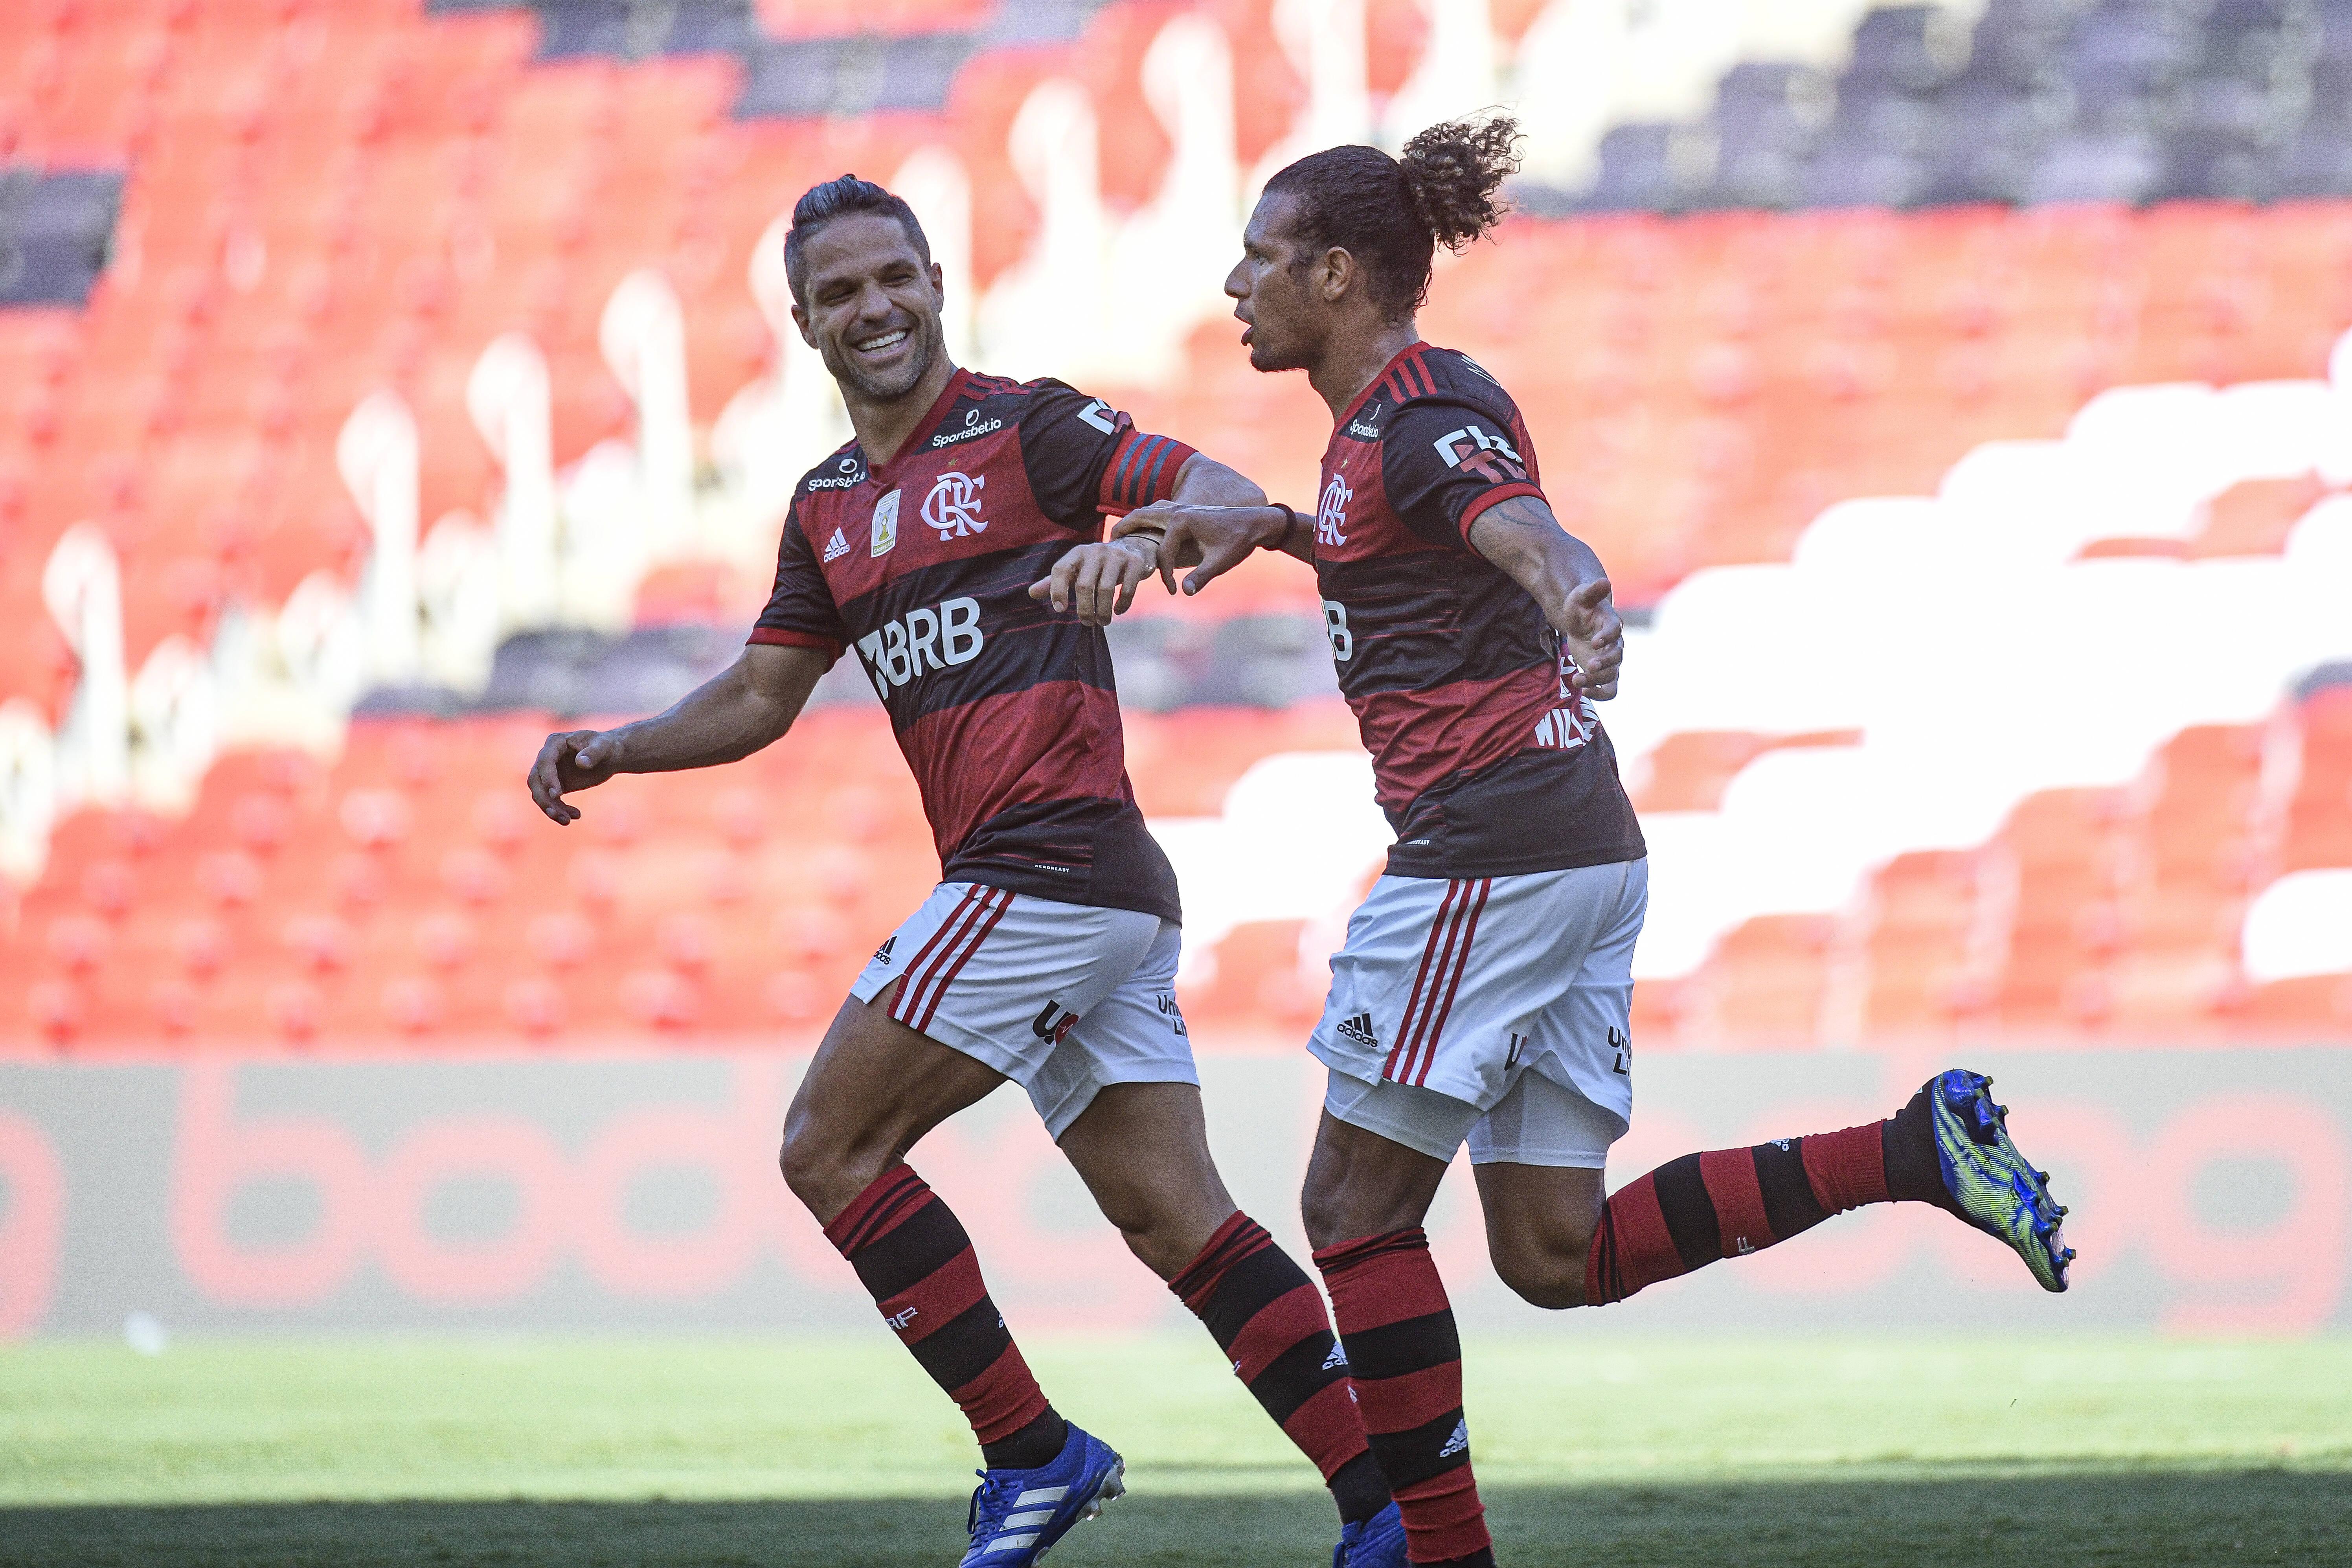 Foto: Reprodução / Flamengo